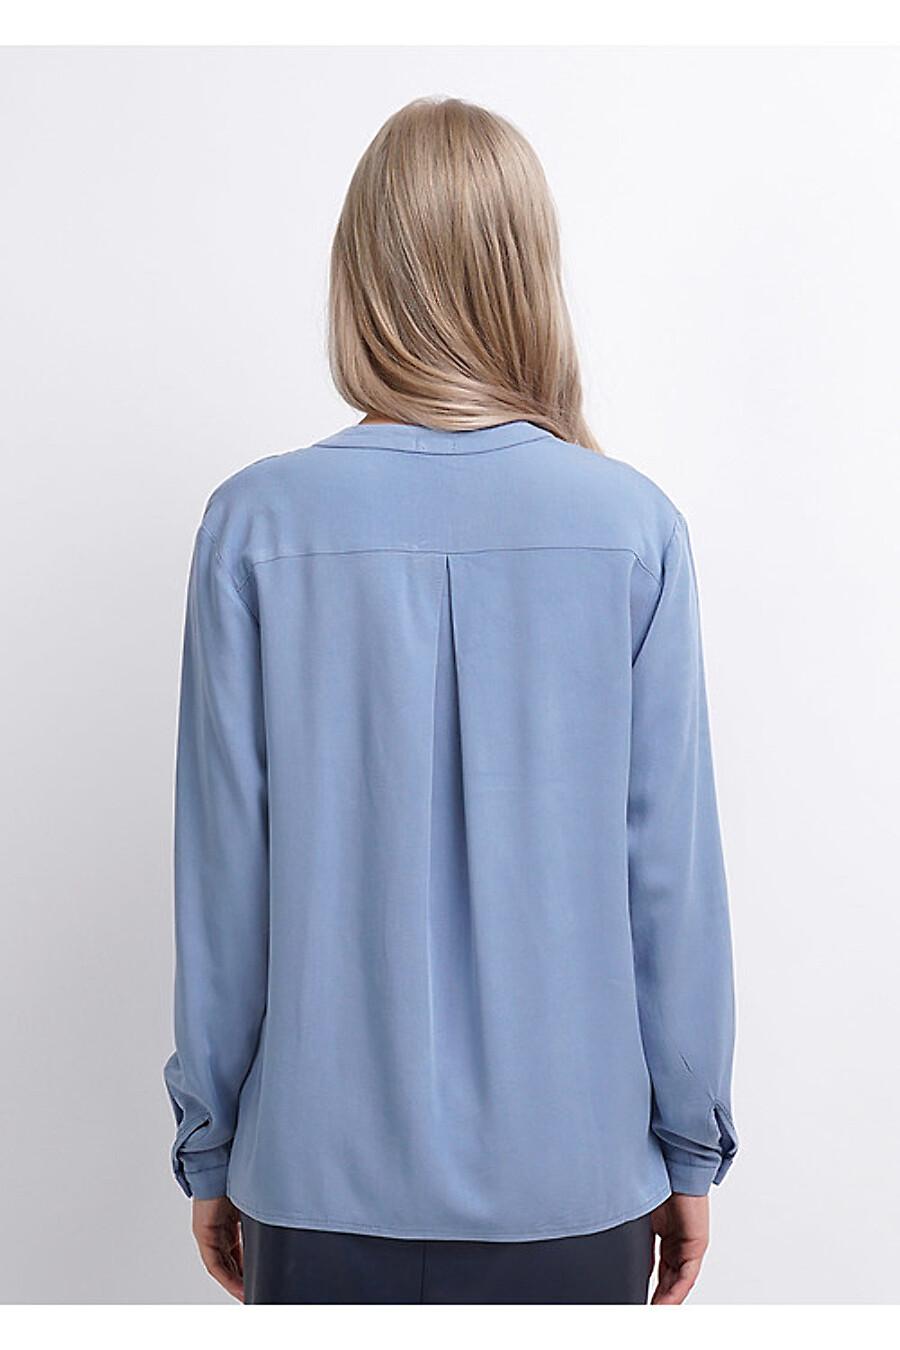 Блузка для женщин CLEVER 159110 купить оптом от производителя. Совместная покупка женской одежды в OptMoyo